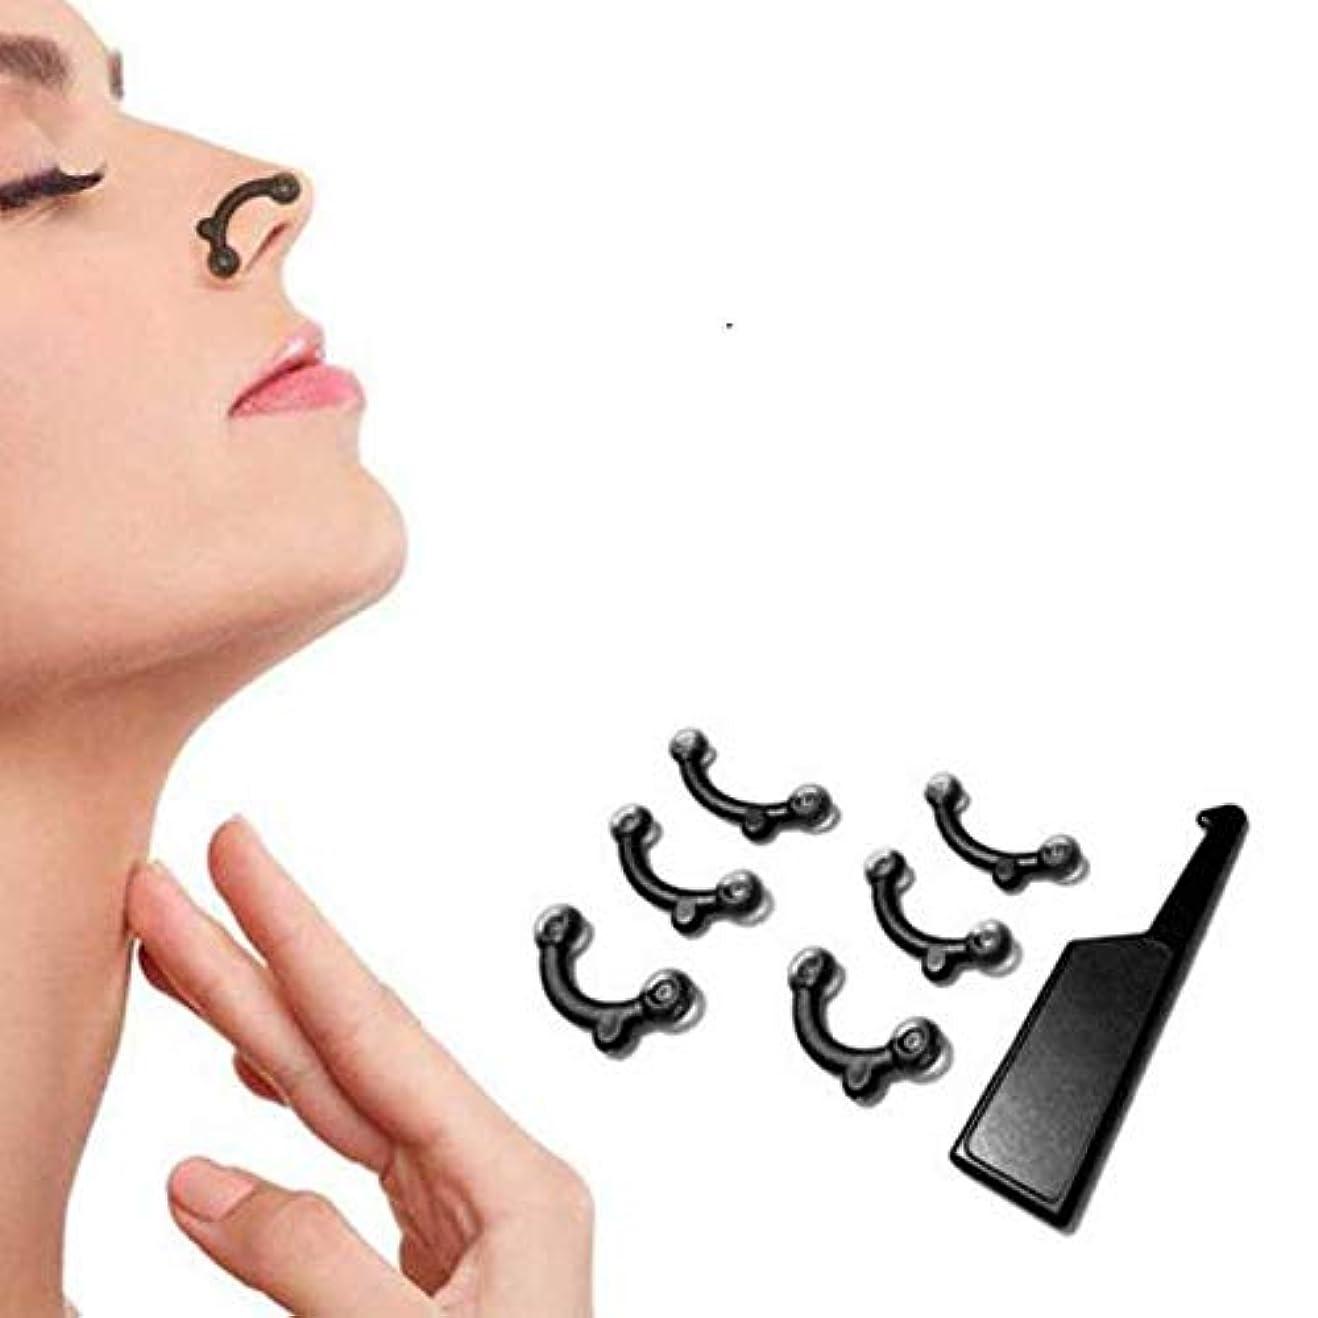 鼻プチ プチ ノーズアップ 美鼻 鼻クリップ ノーズクリップ 鼻筋セレブ 鼻筋矯正 抗菌シリコンで 柔らか素材で痛くない 肌にやさしい 鼻プチS.M.L三つサイズセット